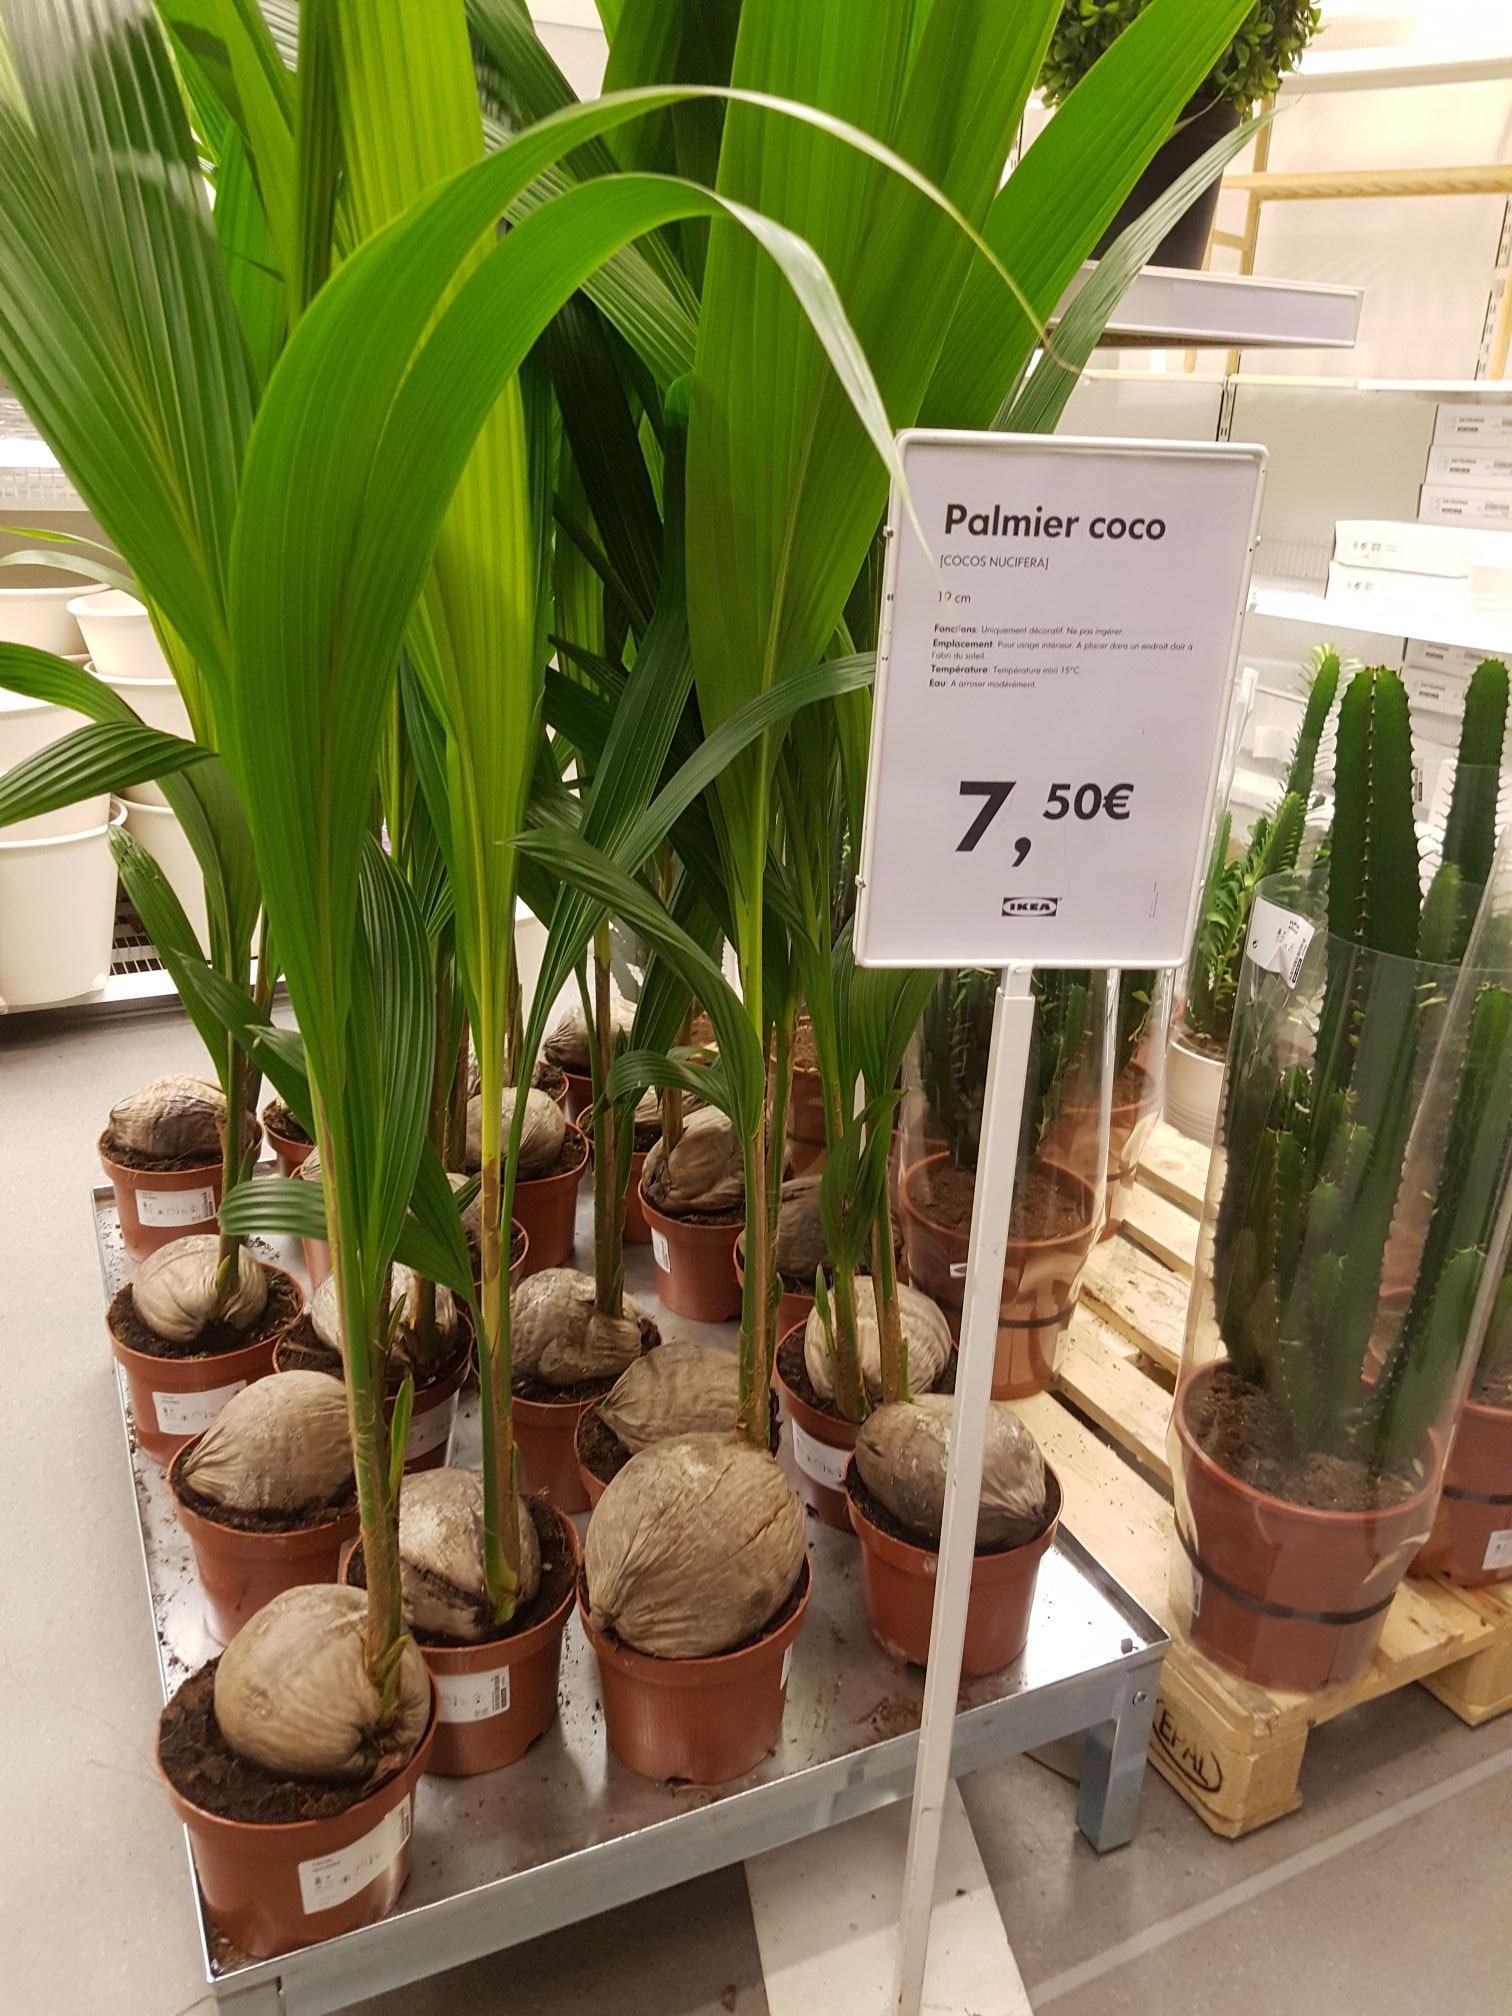 Palmier Coco (Cocos Nucifera)